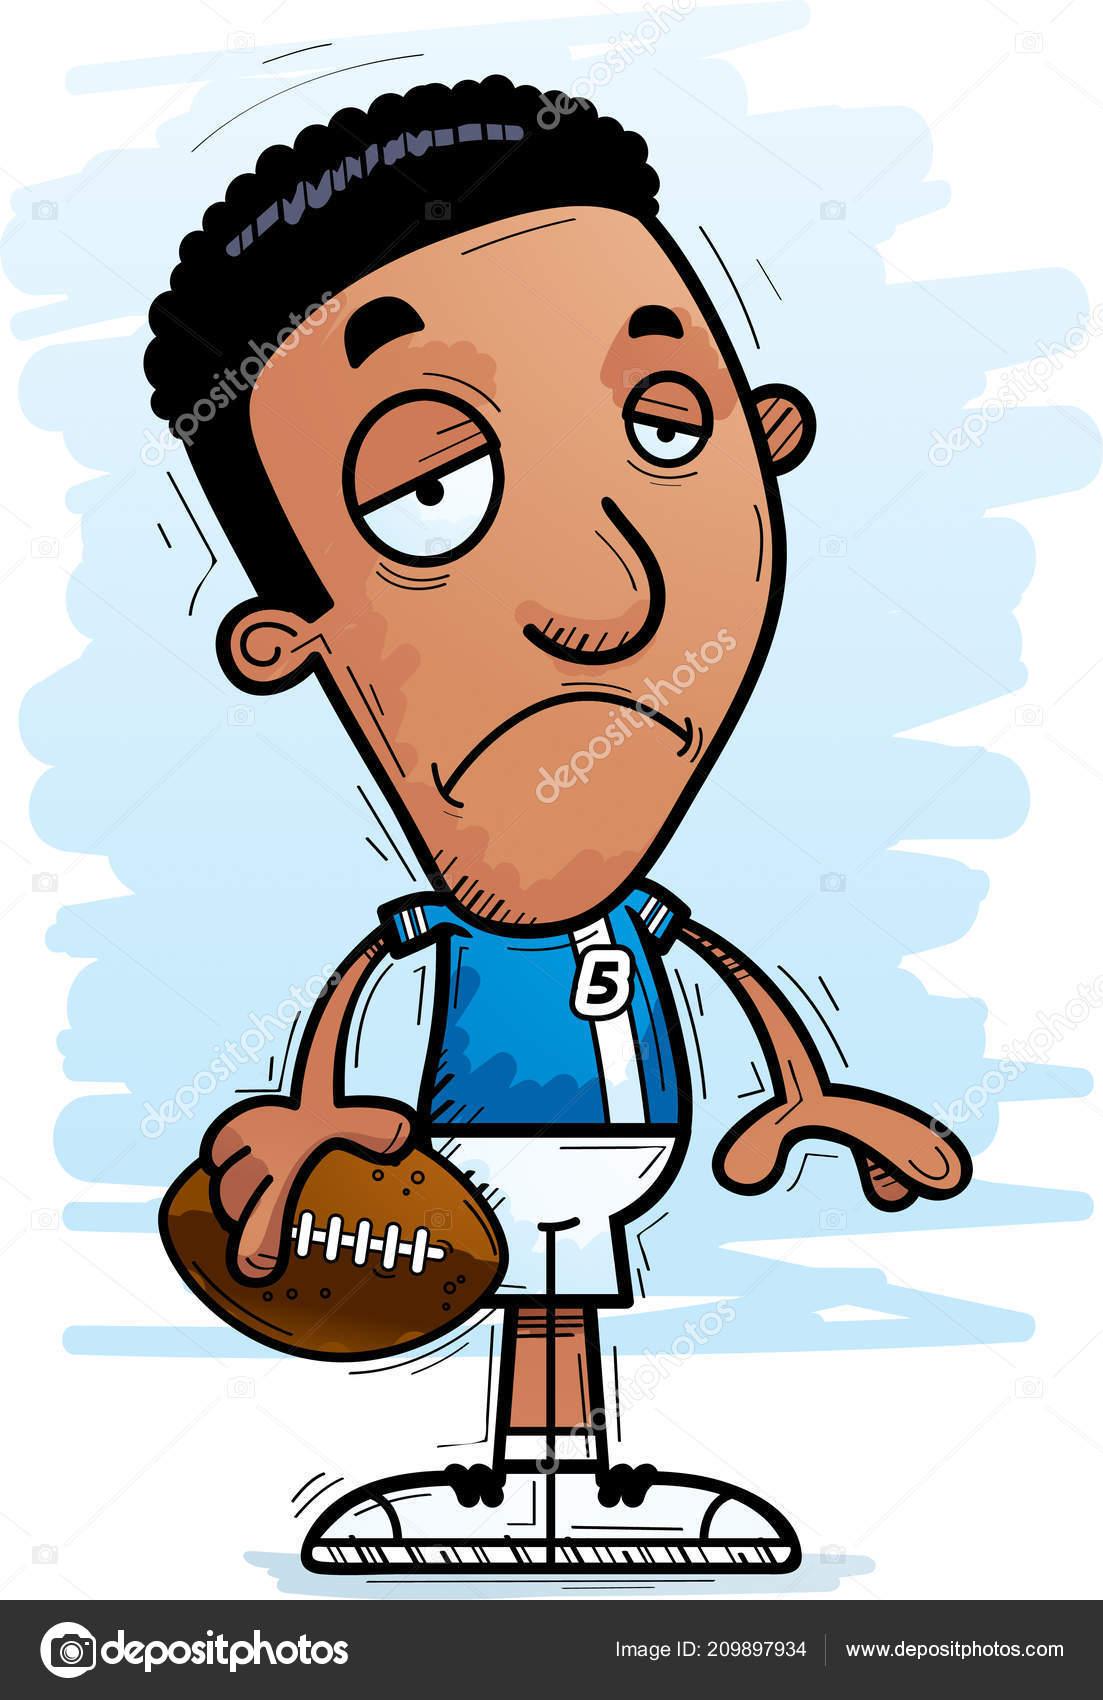 Uma Ilustracao Dos Desenhos Animados Jogador Futebol Negro Olhar